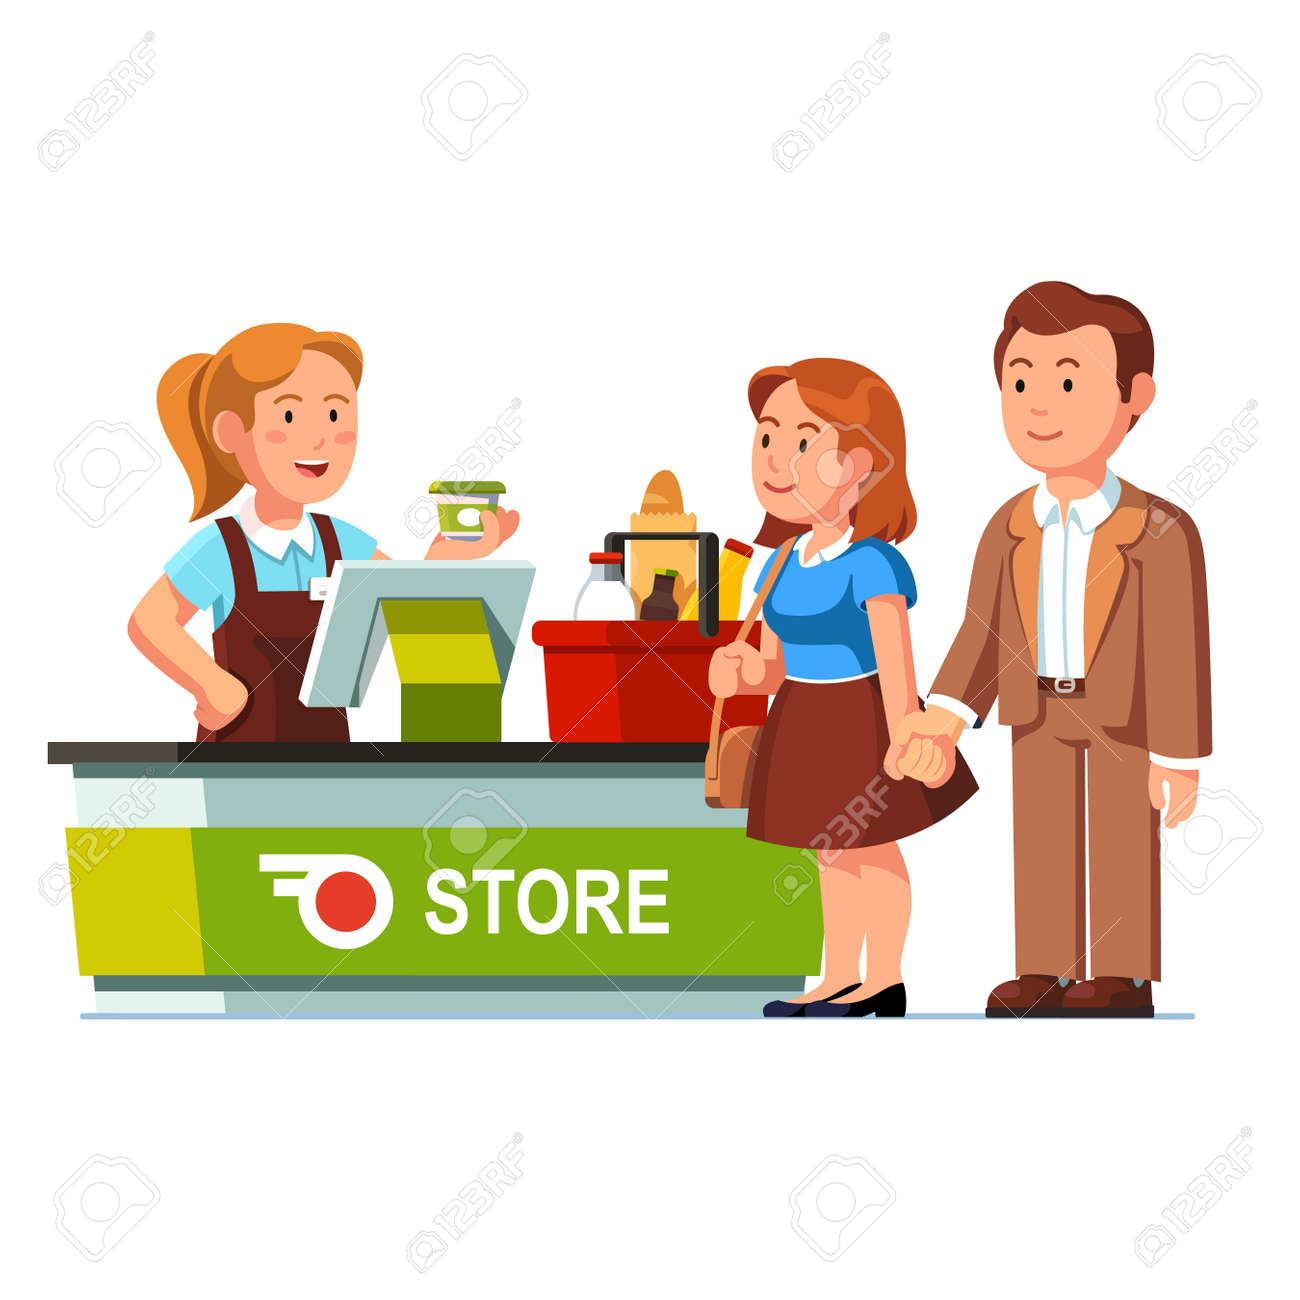 レジ チェック アウト カウンターでリンギングの食料品食料品店や